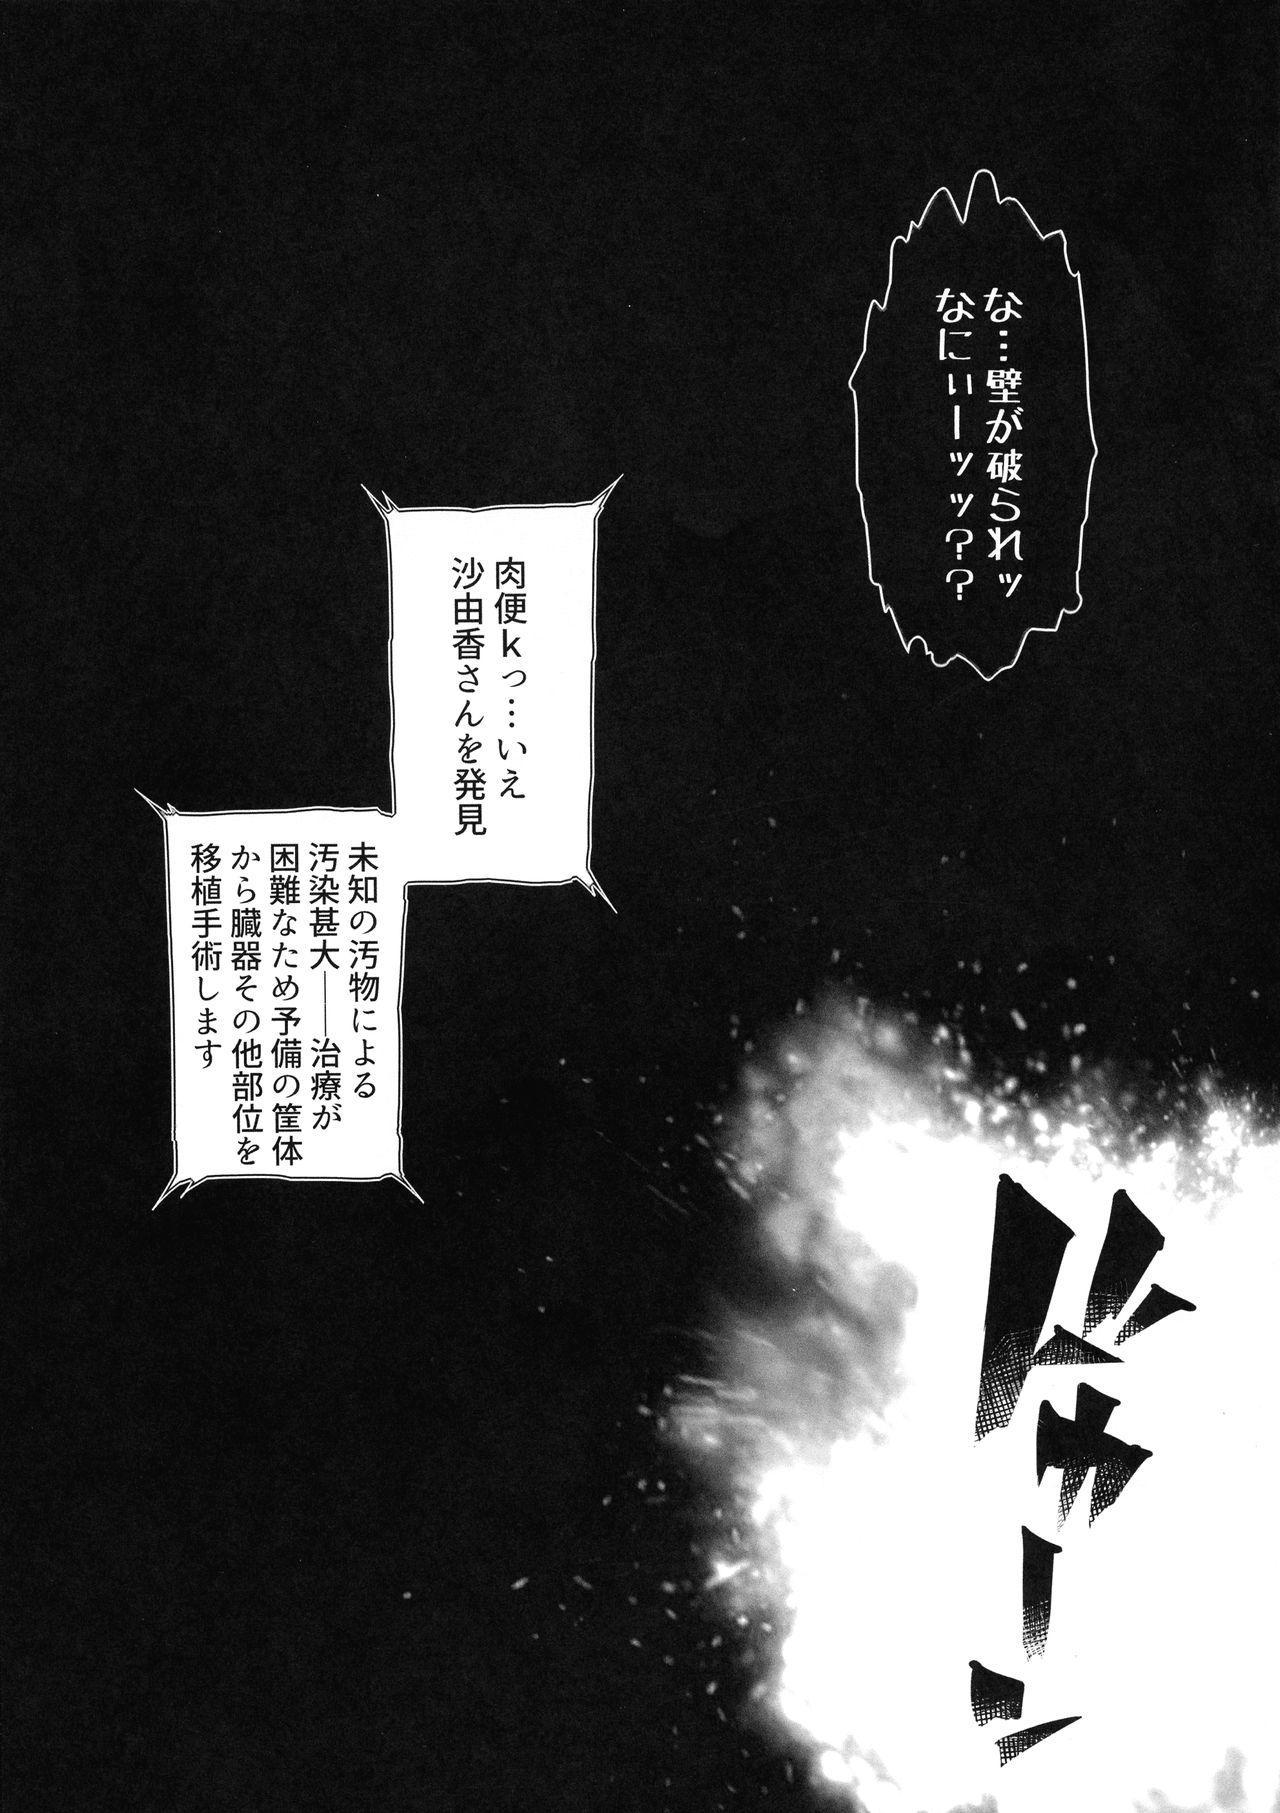 (Chou Comic Treasure 2020) [ONEGROSS (144)] Choukou Inbou -Beat inflation- LV2 (Choukou Tenshi Escalayer) 8